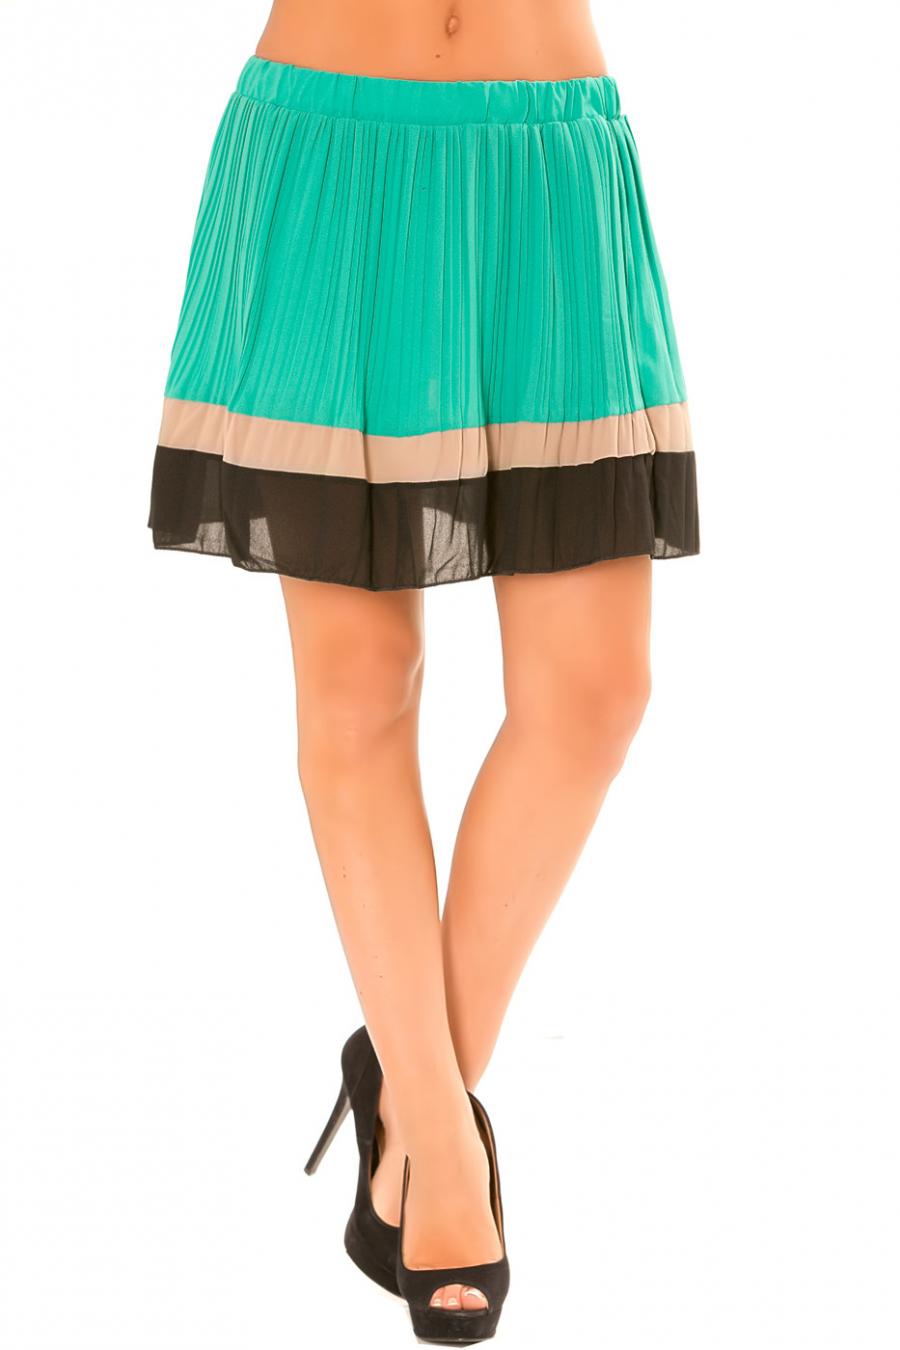 Jupe Vert clair plissé à bordure orange et noire. 6082